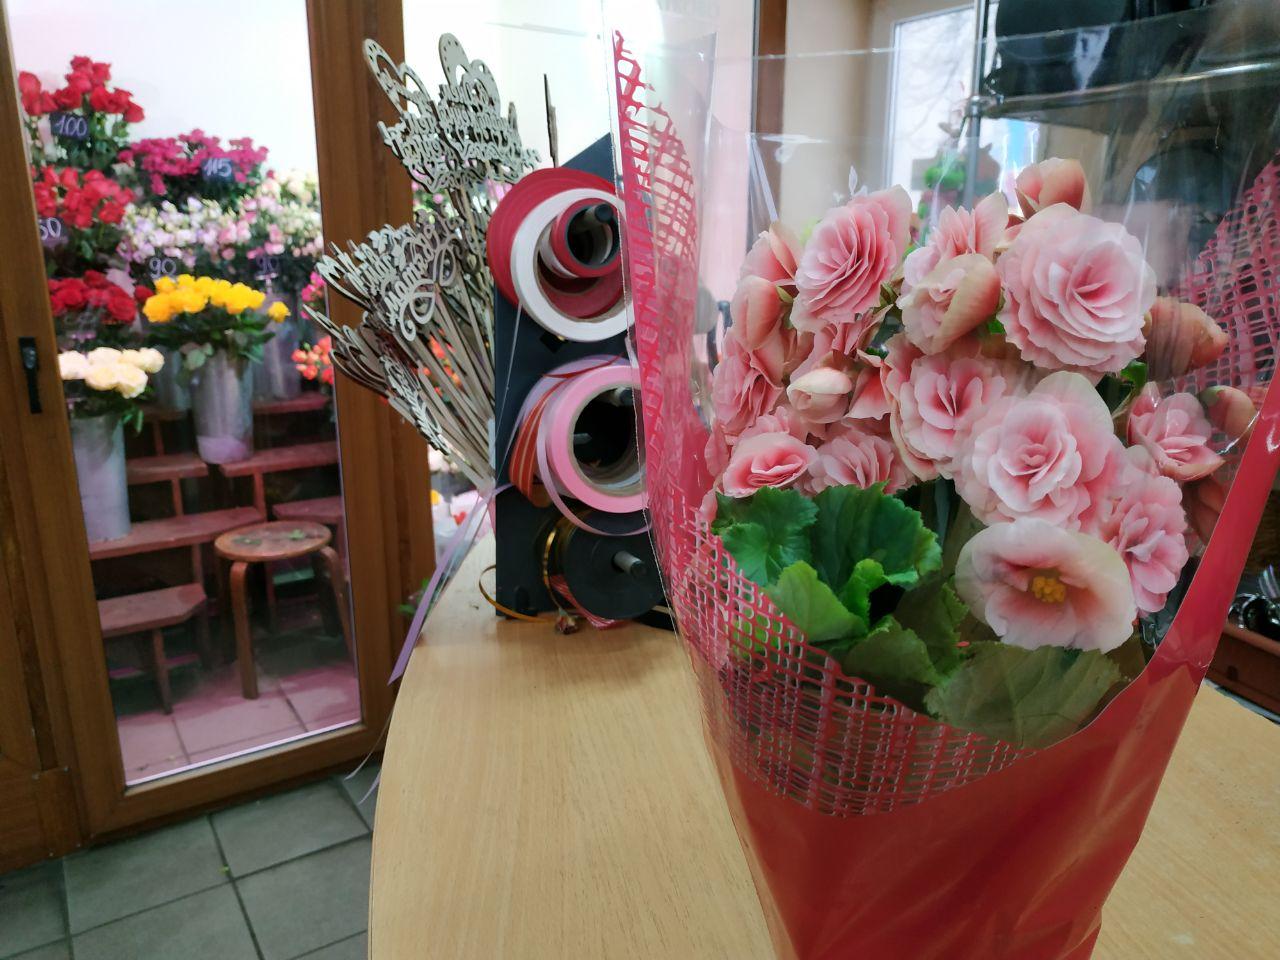 Київщина іn love: що найчастіше дарують коханим у 2021 році - ціни, подарунки, День Святого Валентина, День всіх закоханих - photo5276336614576075287